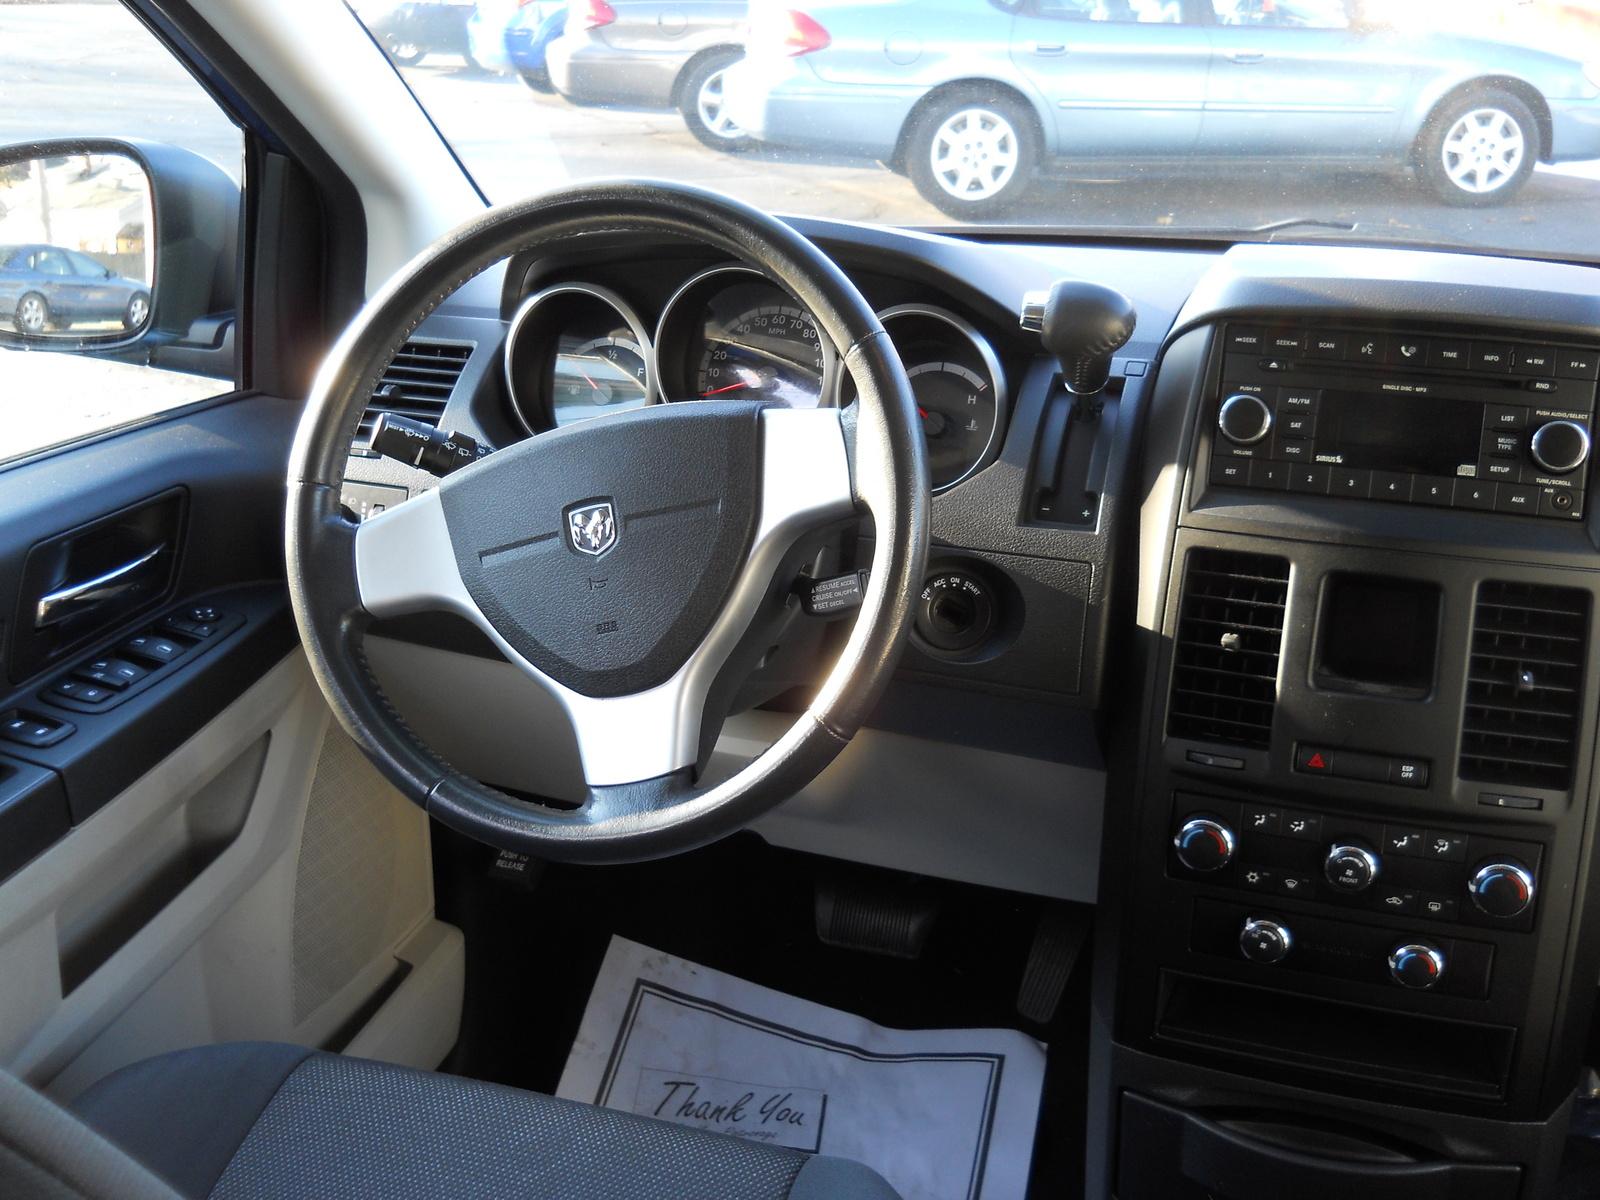 2008 Dodge Grand Caravan Interior Pictures Cargurus